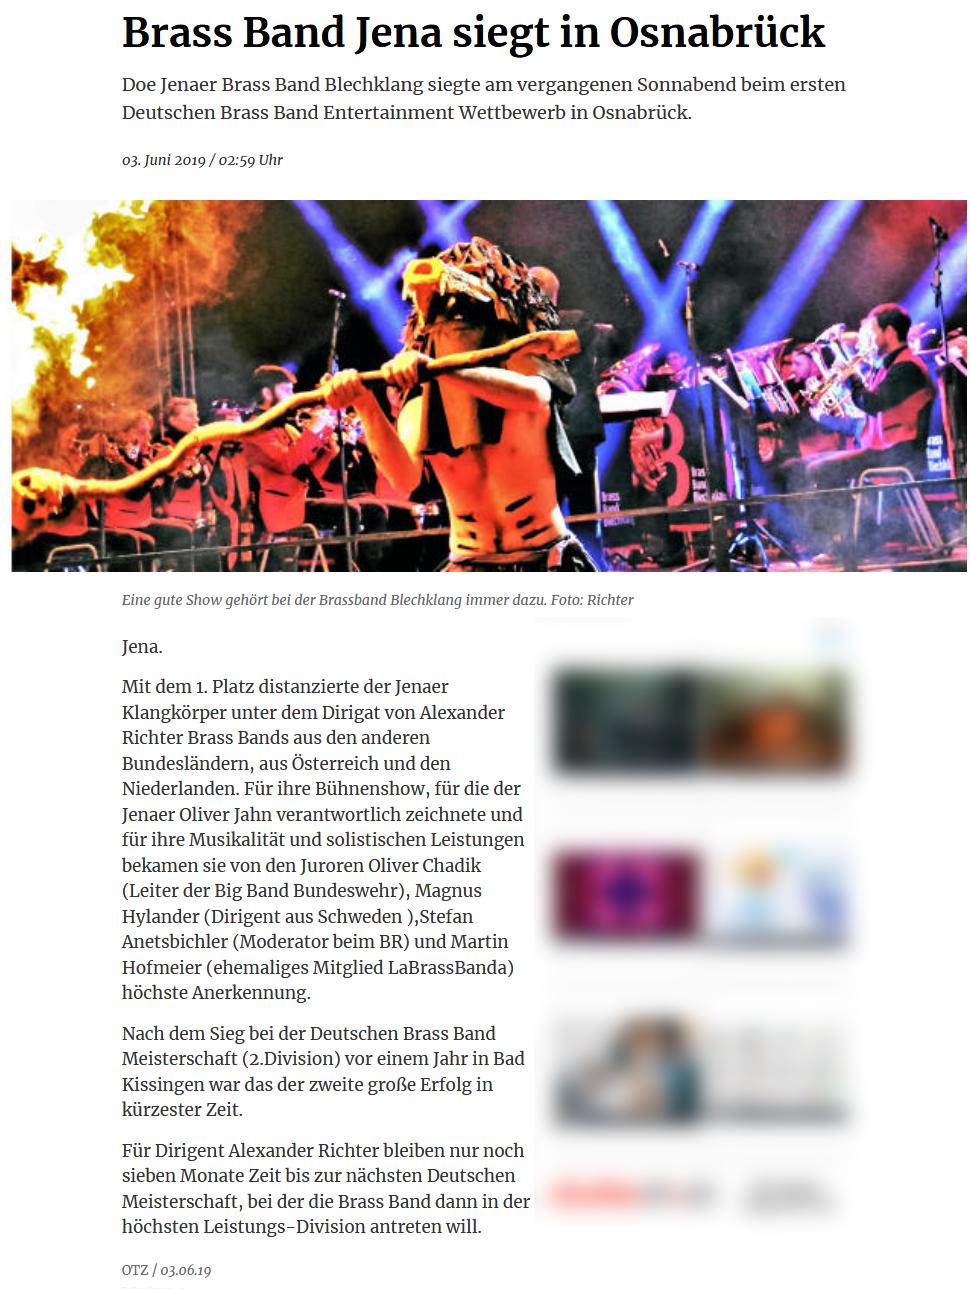 Artikel OTZ zum Sieg der Brass Band BlechKLANG beim Brass Band Entertainment Wettbewerb in Osnabrück